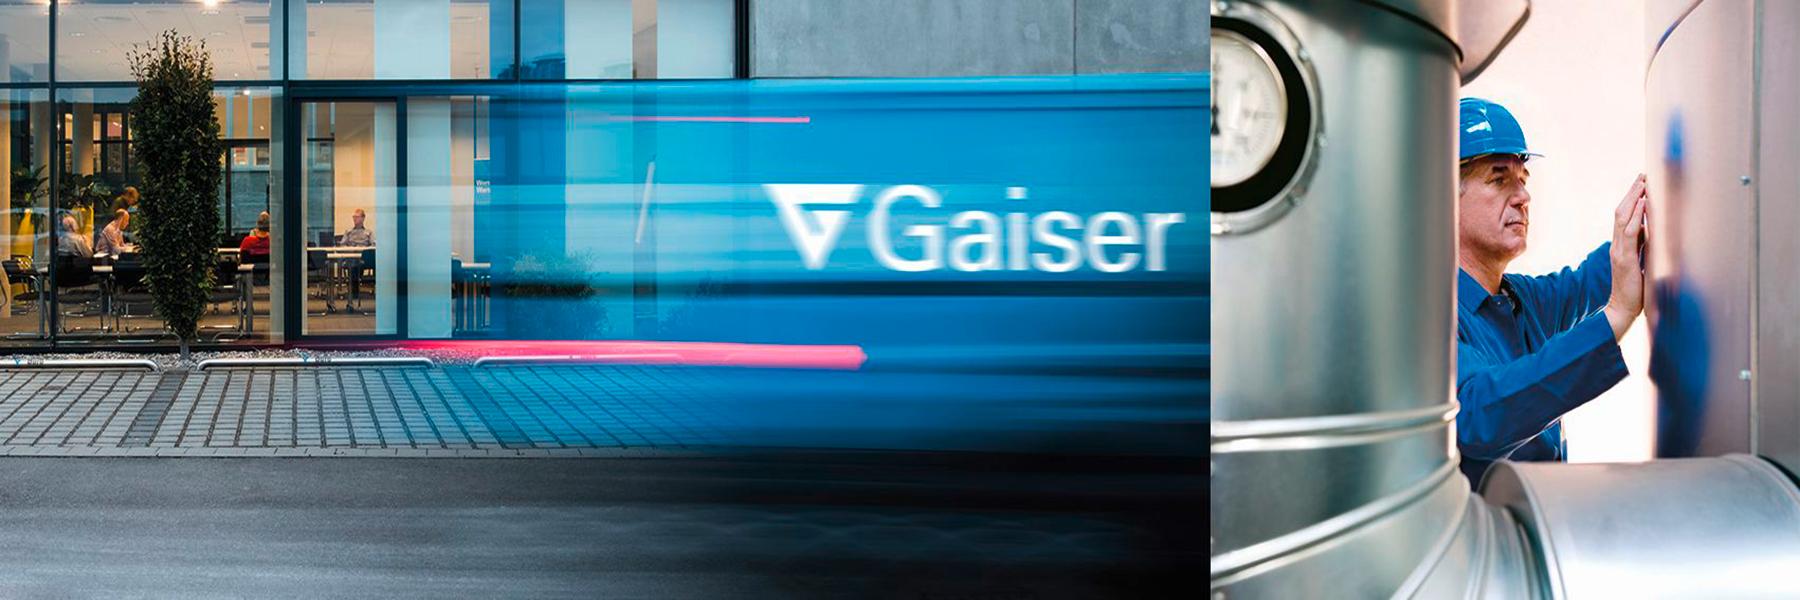 Julius Gaiser GmbH & Co KG freut sich auf Ihre Bewerbung zum Servicetechniker, Servicemonteur (m/w) in Ulm.